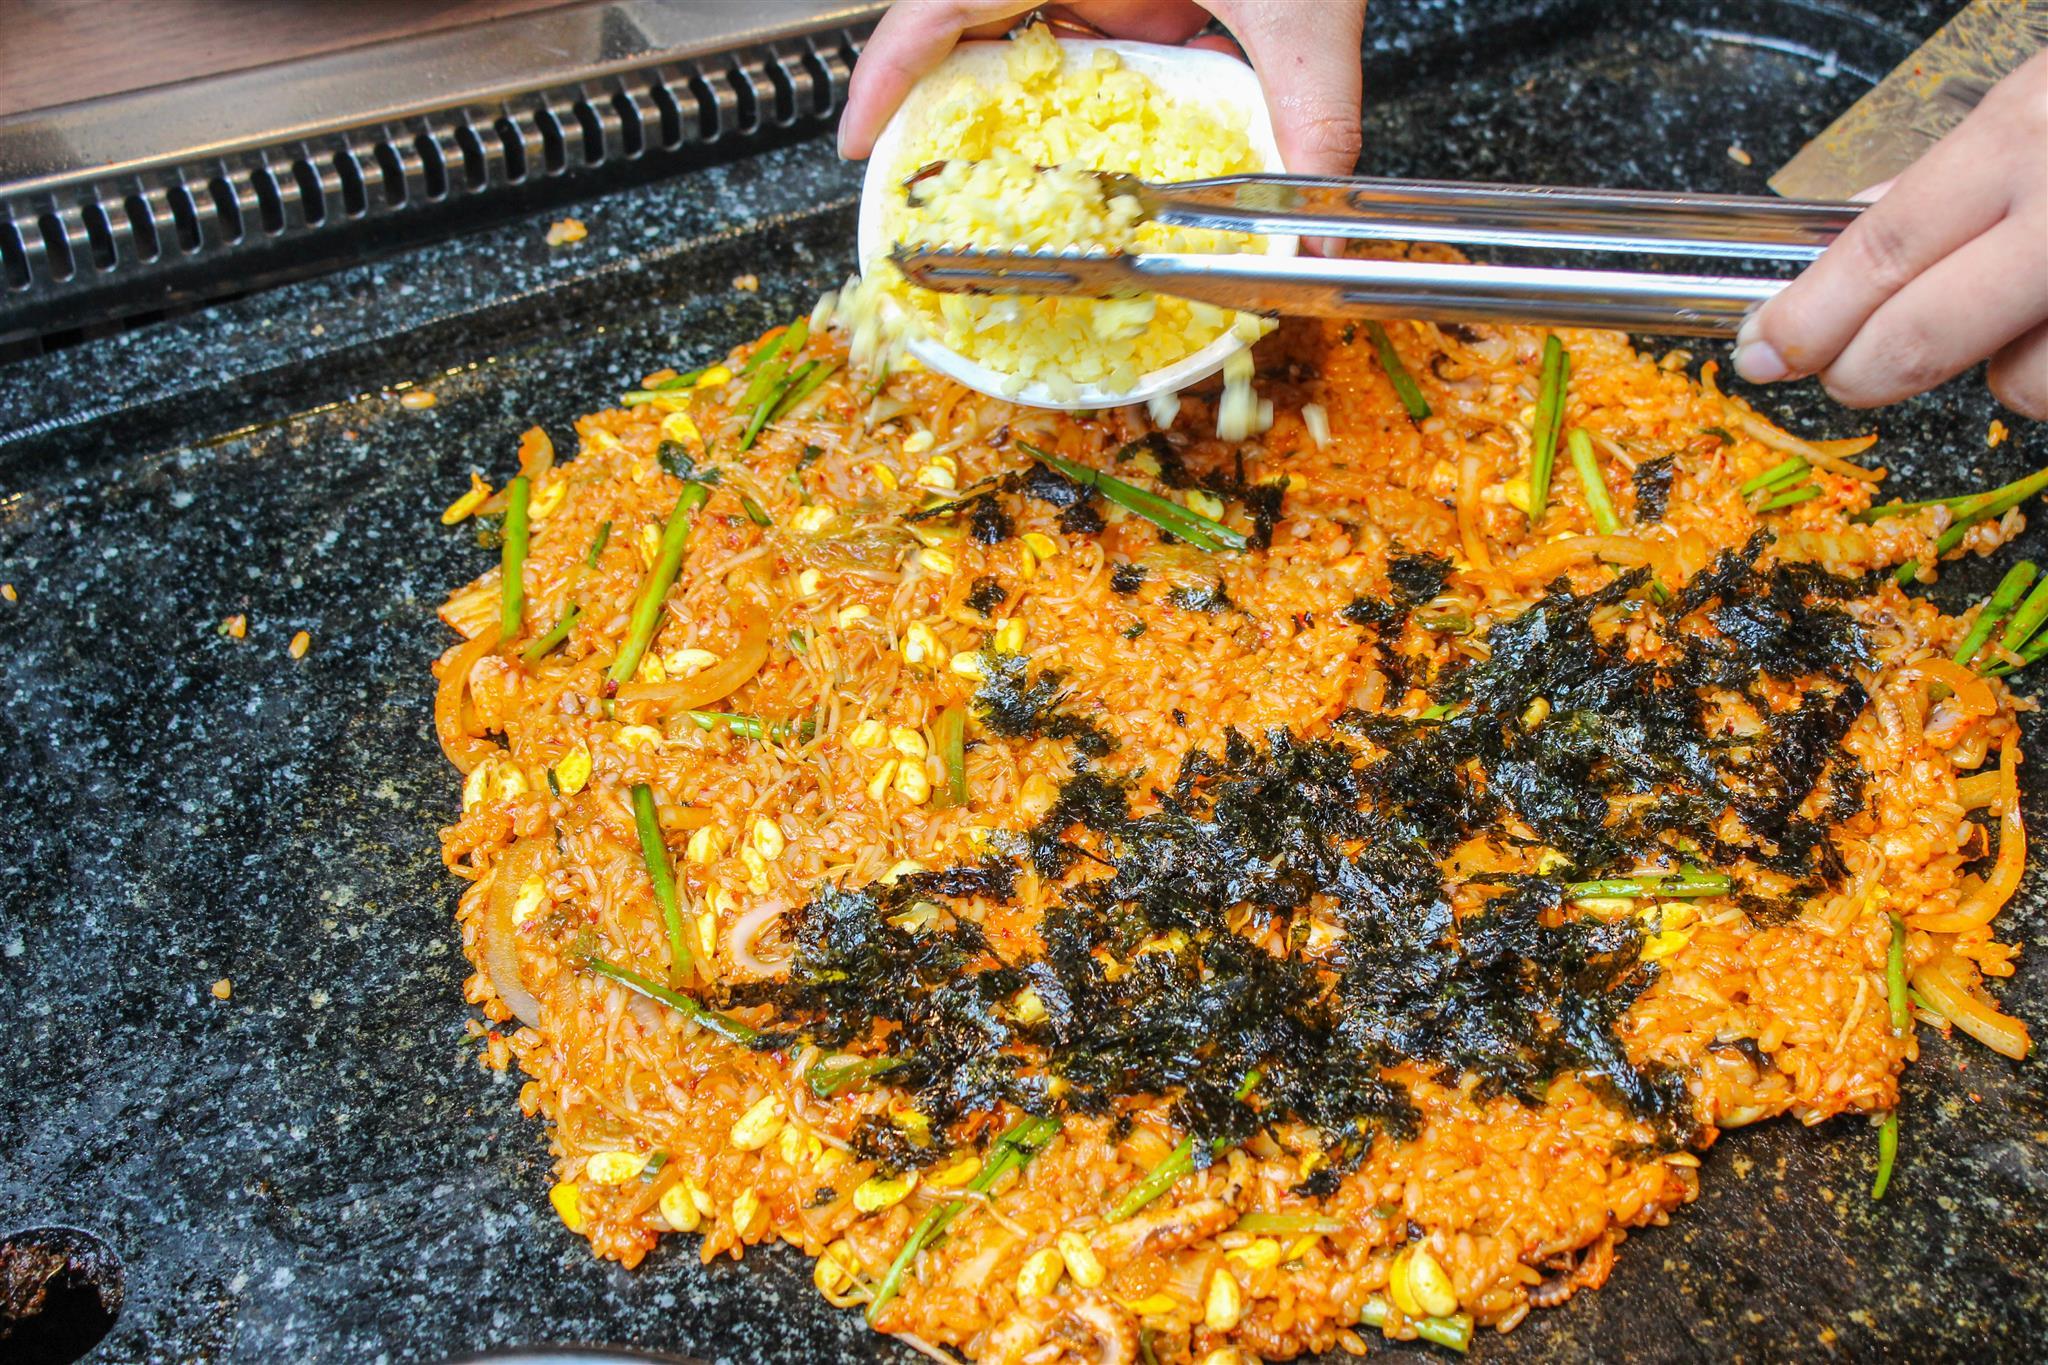 Thưởng thức buffet thịt nướng bàn đá độc đáo từ Hàn Quốc - Ảnh 7.